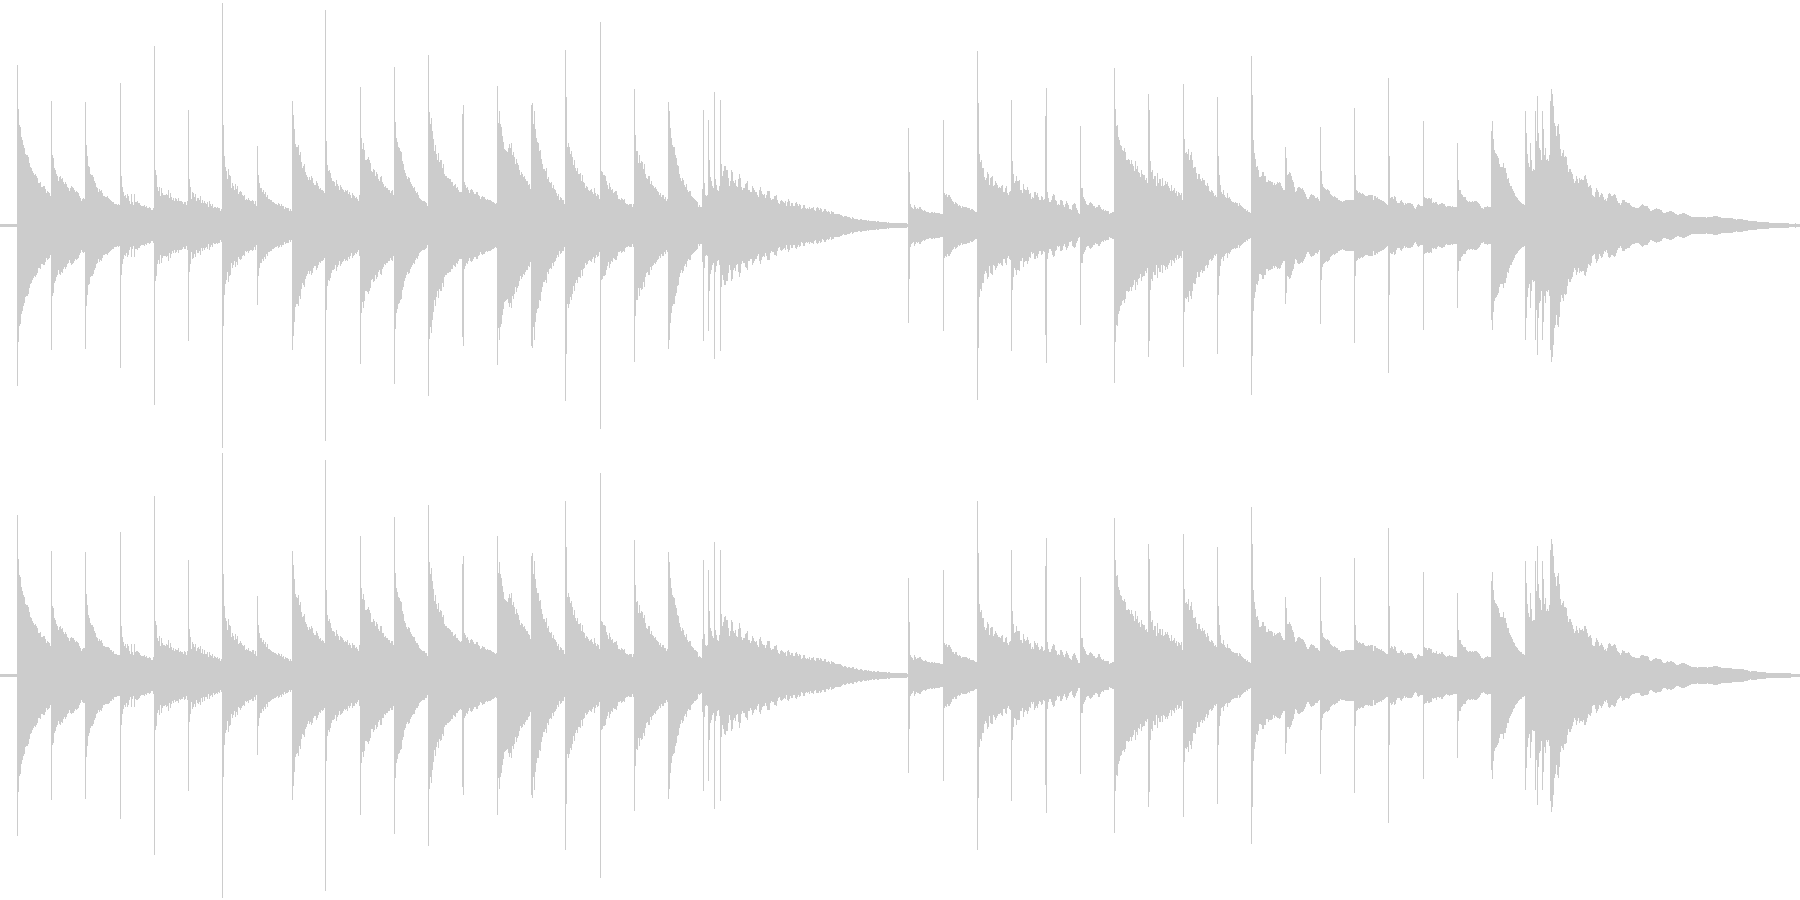 ジングル:古めかしいオルゴールの優しい曲の未再生の波形